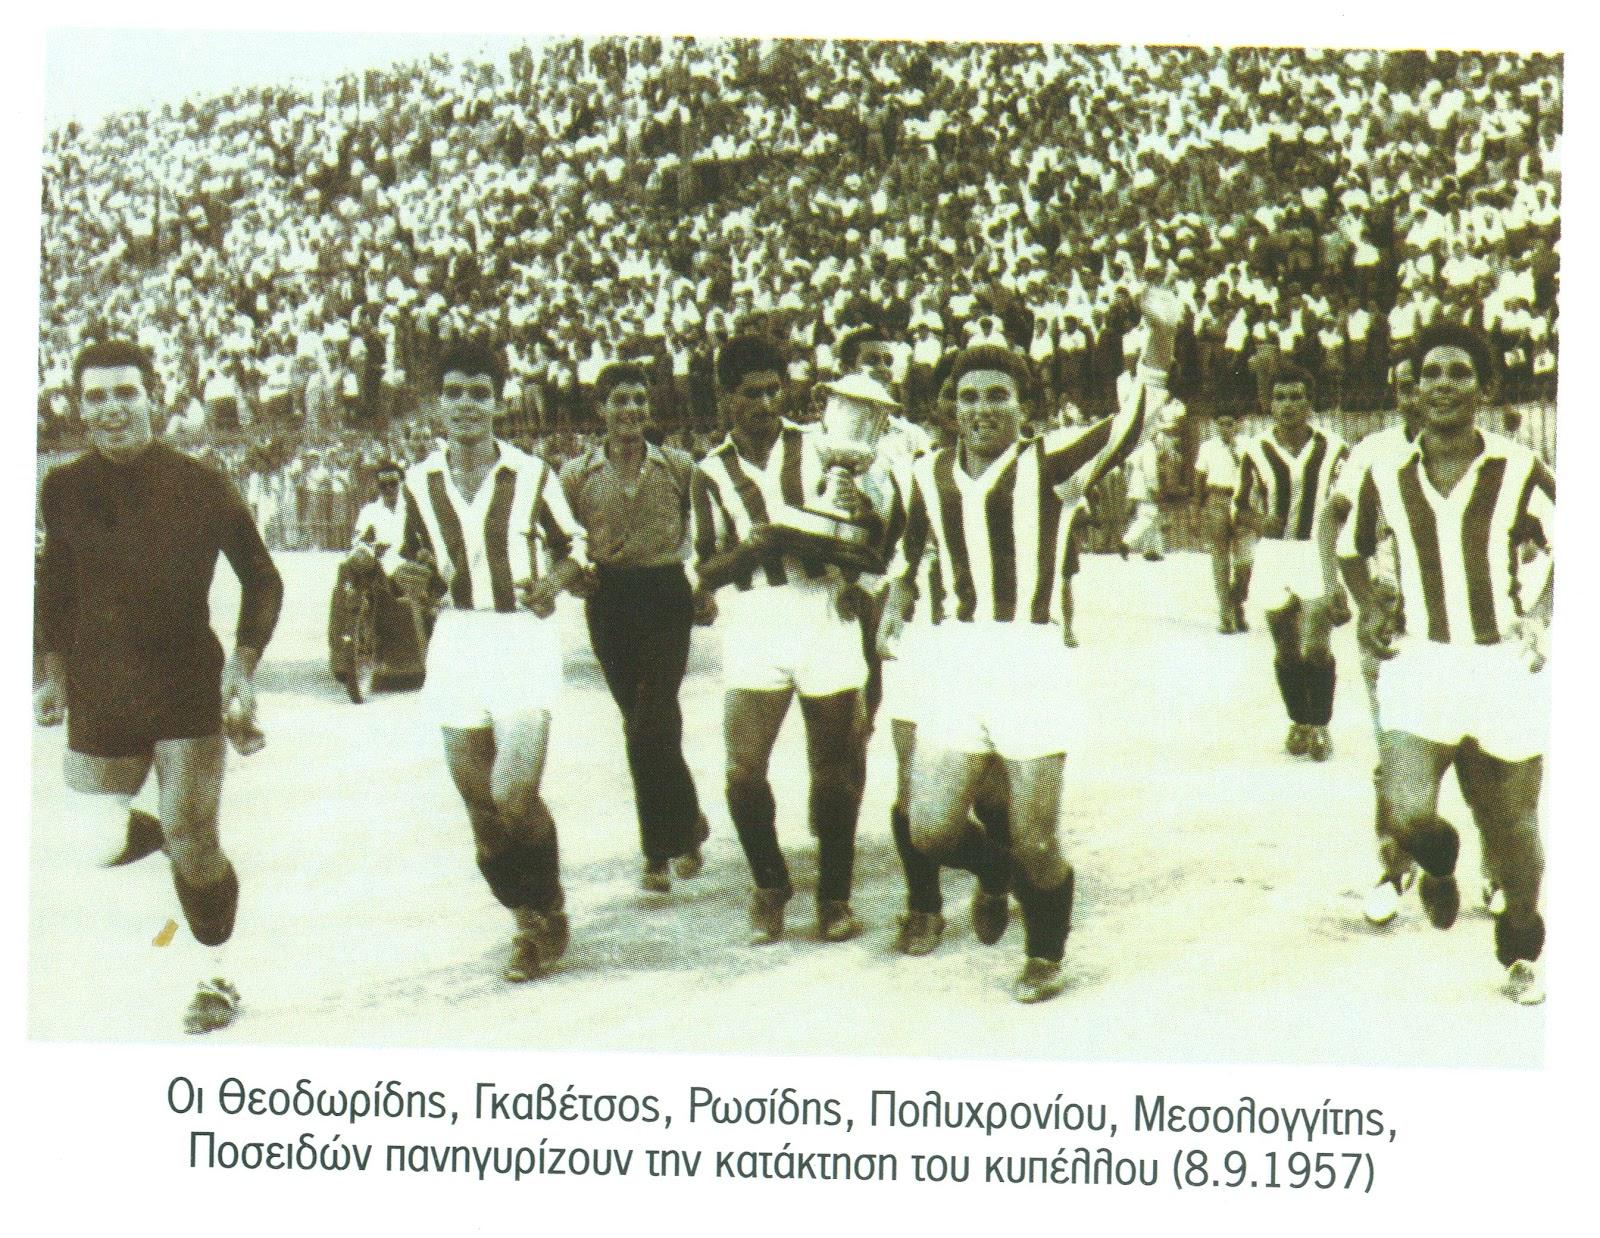 παοκ ολυμπιακοσ γκολ: ερυθρολευκο μετεριζι: ΣΑΝ ΣΗΜΕΡΑ ΤΟ 1957